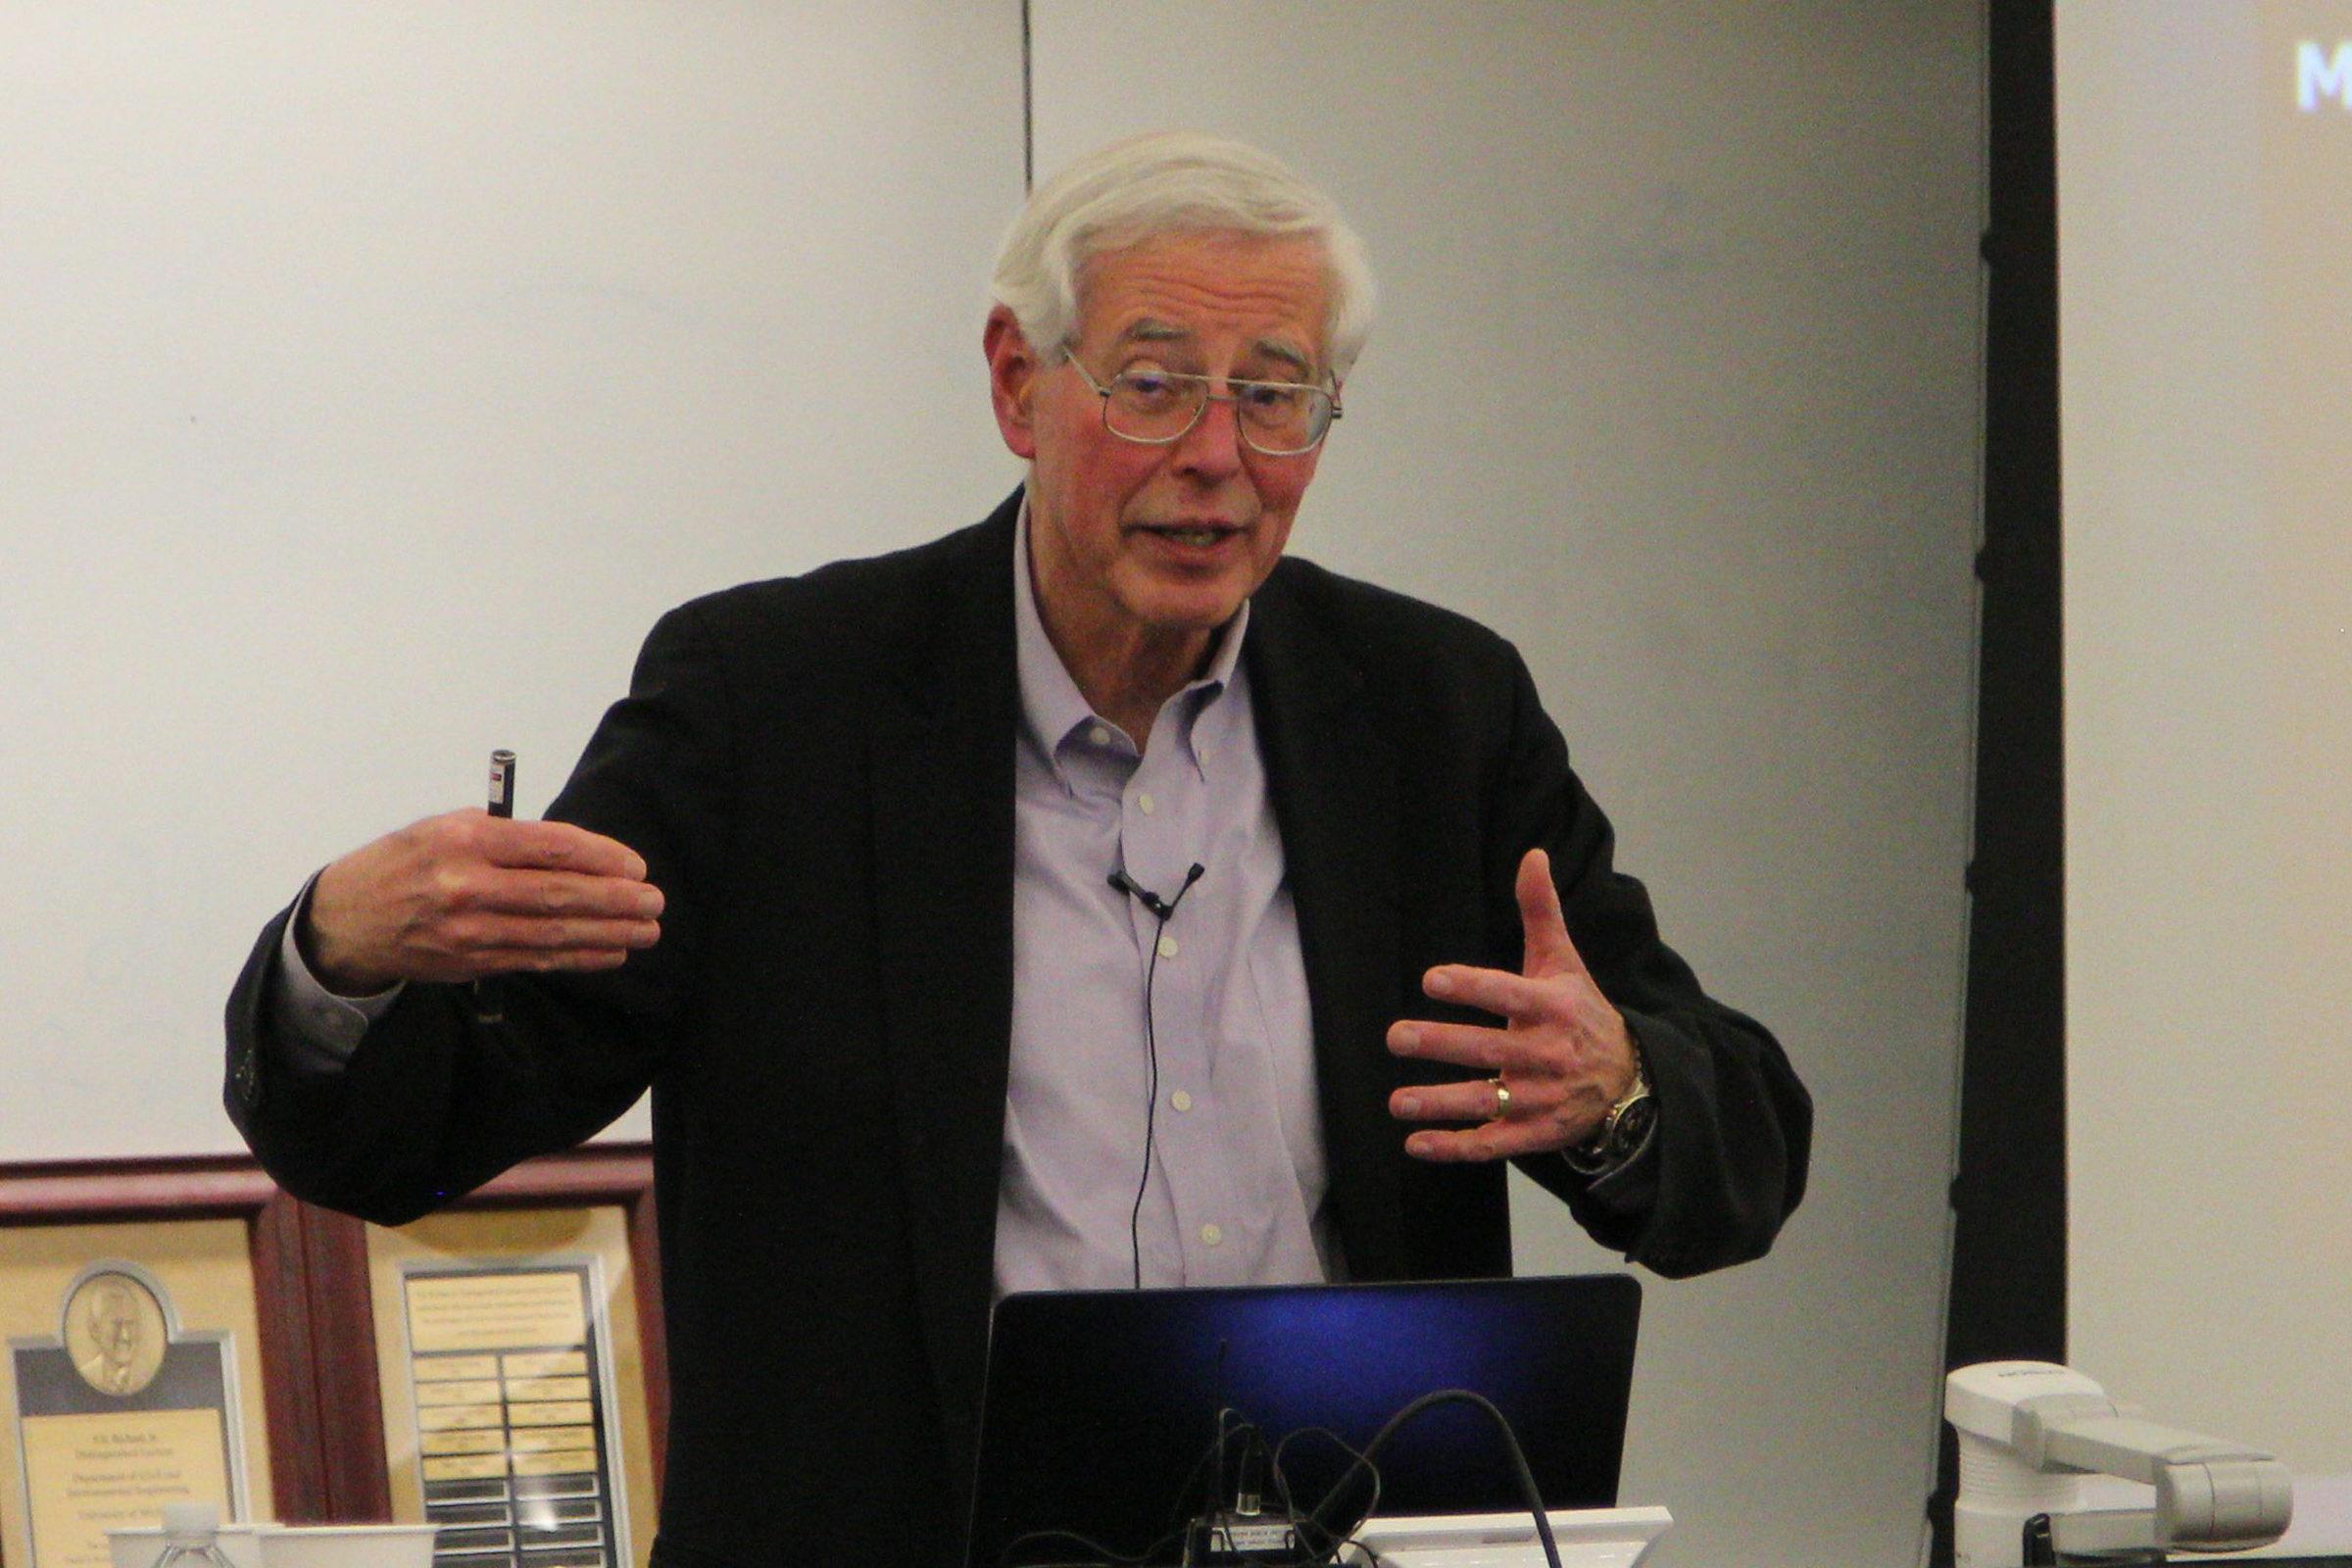 Tom O'Rourke speaking